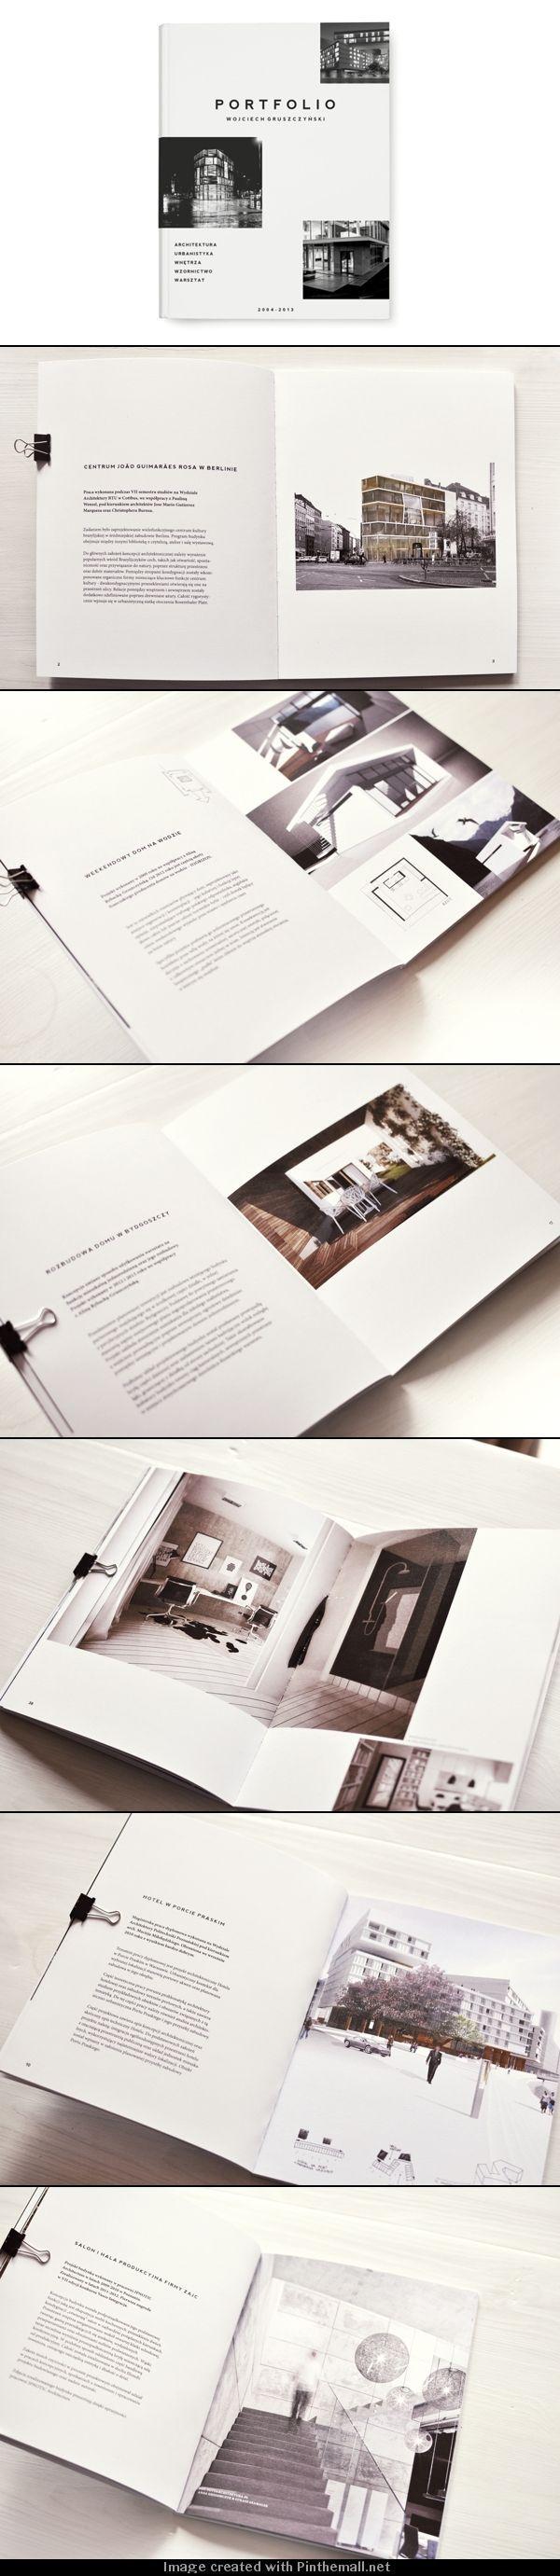 portfolio layout by alina rybacka gruszczyska wwwalinarybackacom